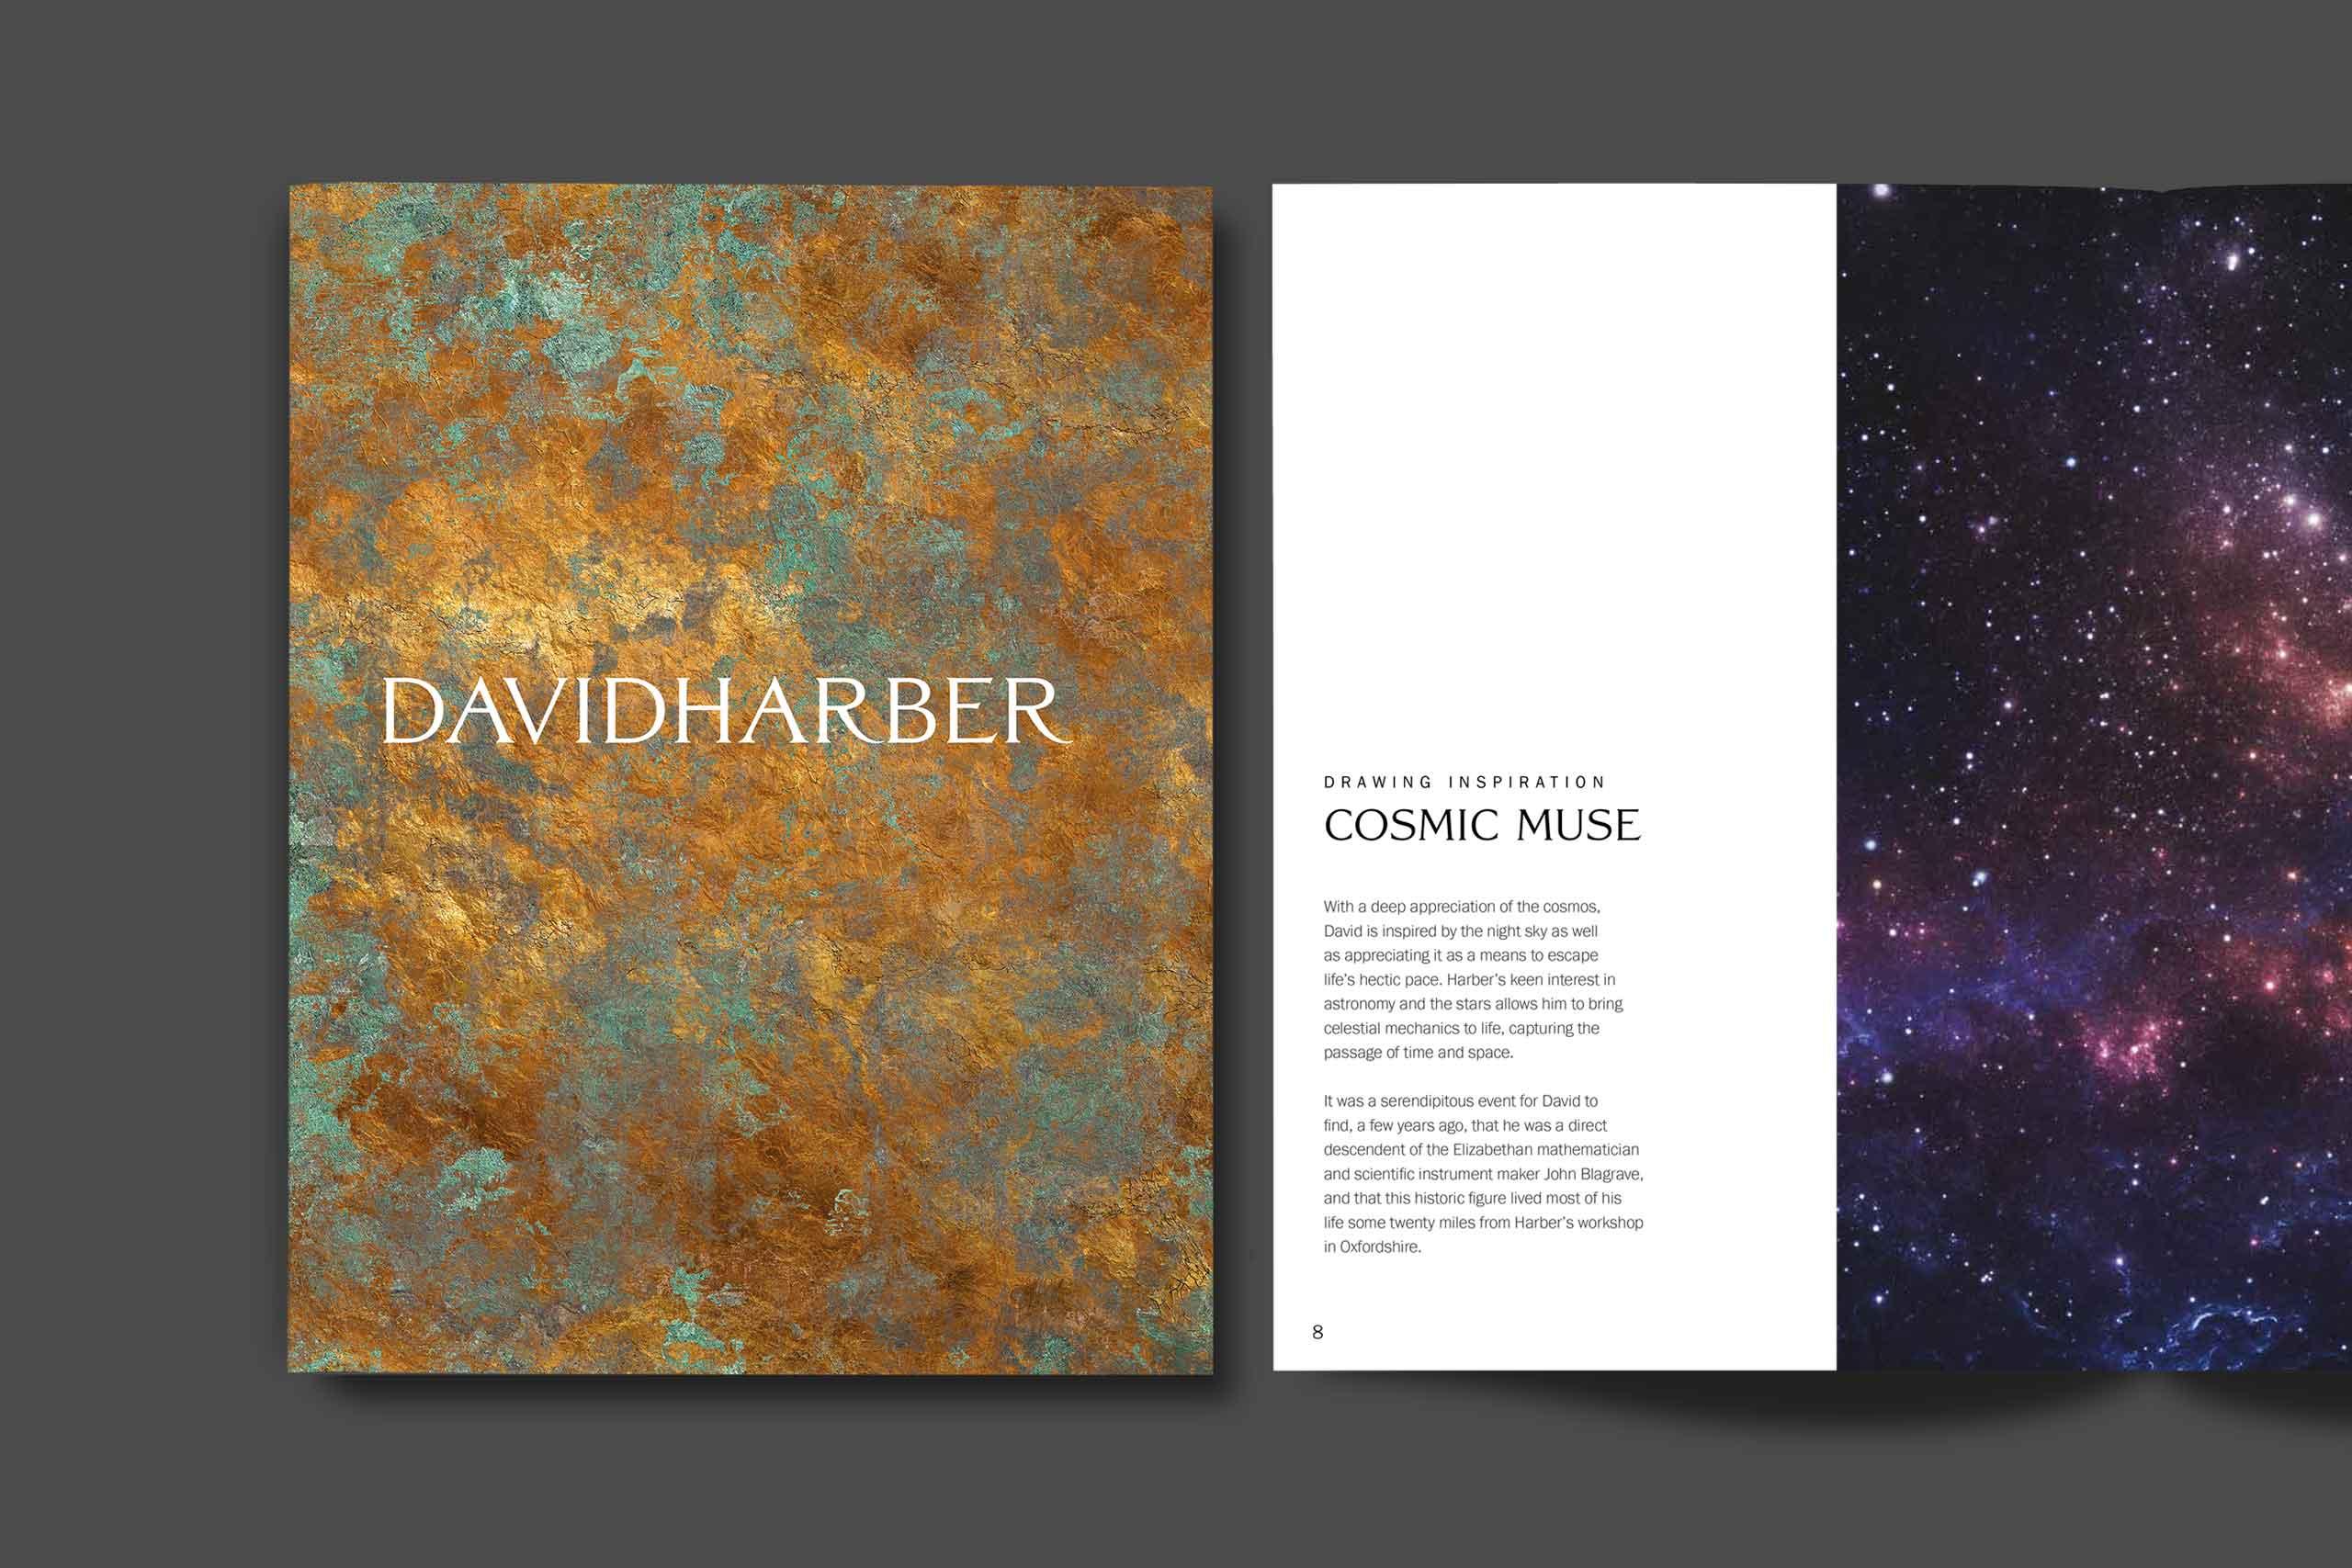 David Harber inspired ethos